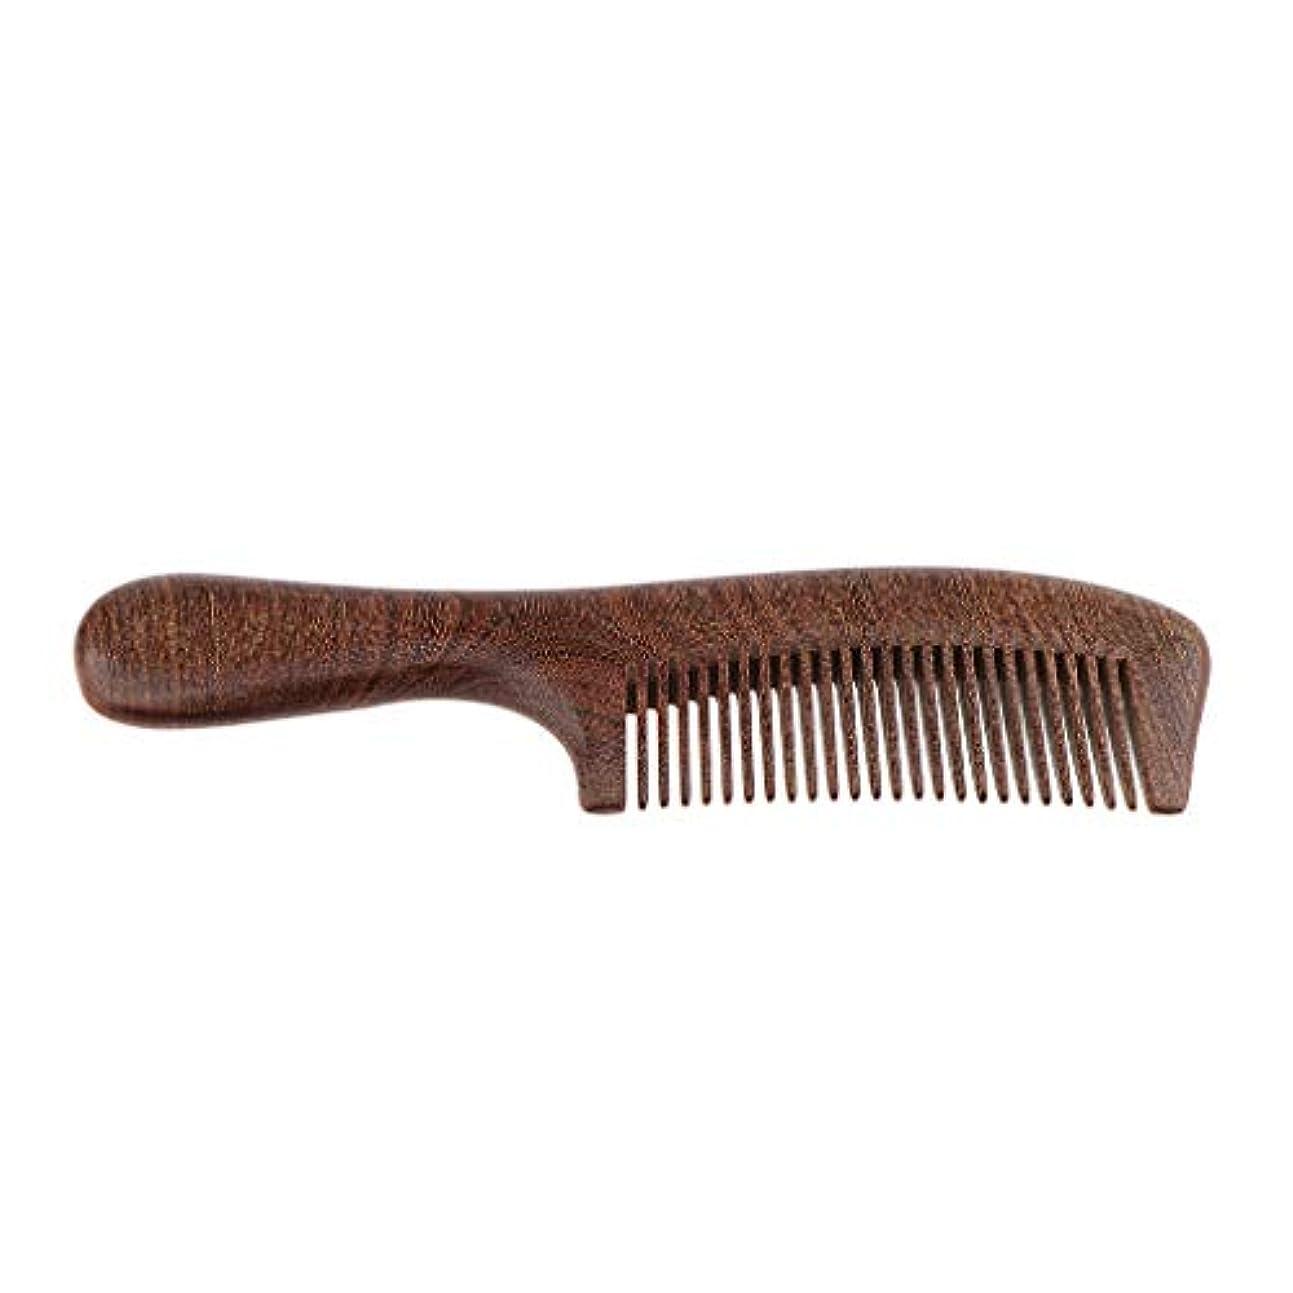 召喚する頼るインフレーション木製櫛 帯電防止櫛 頭皮マッサージ ヘアブラシ ヘアケア ヘアスタイリング